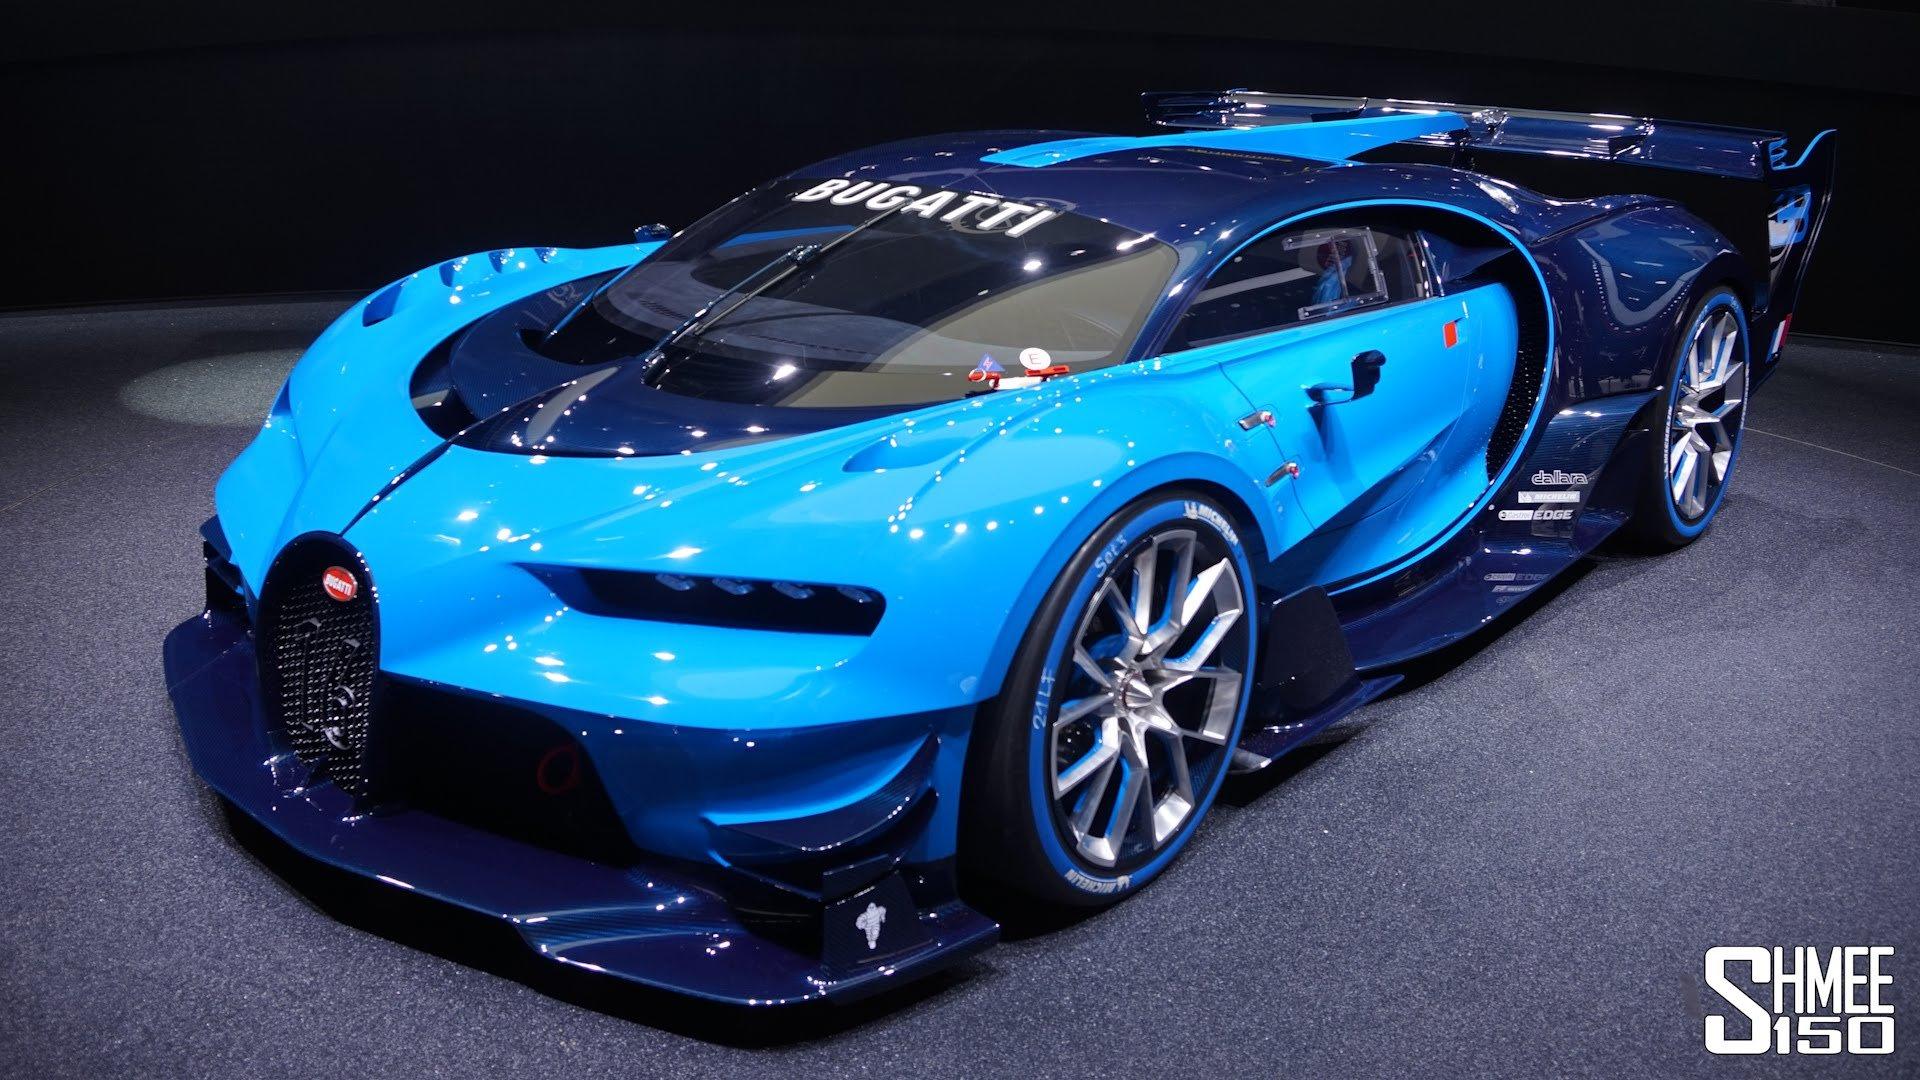 2015 Bugatti Vision Gran Turismo Supercar Concept Lemans